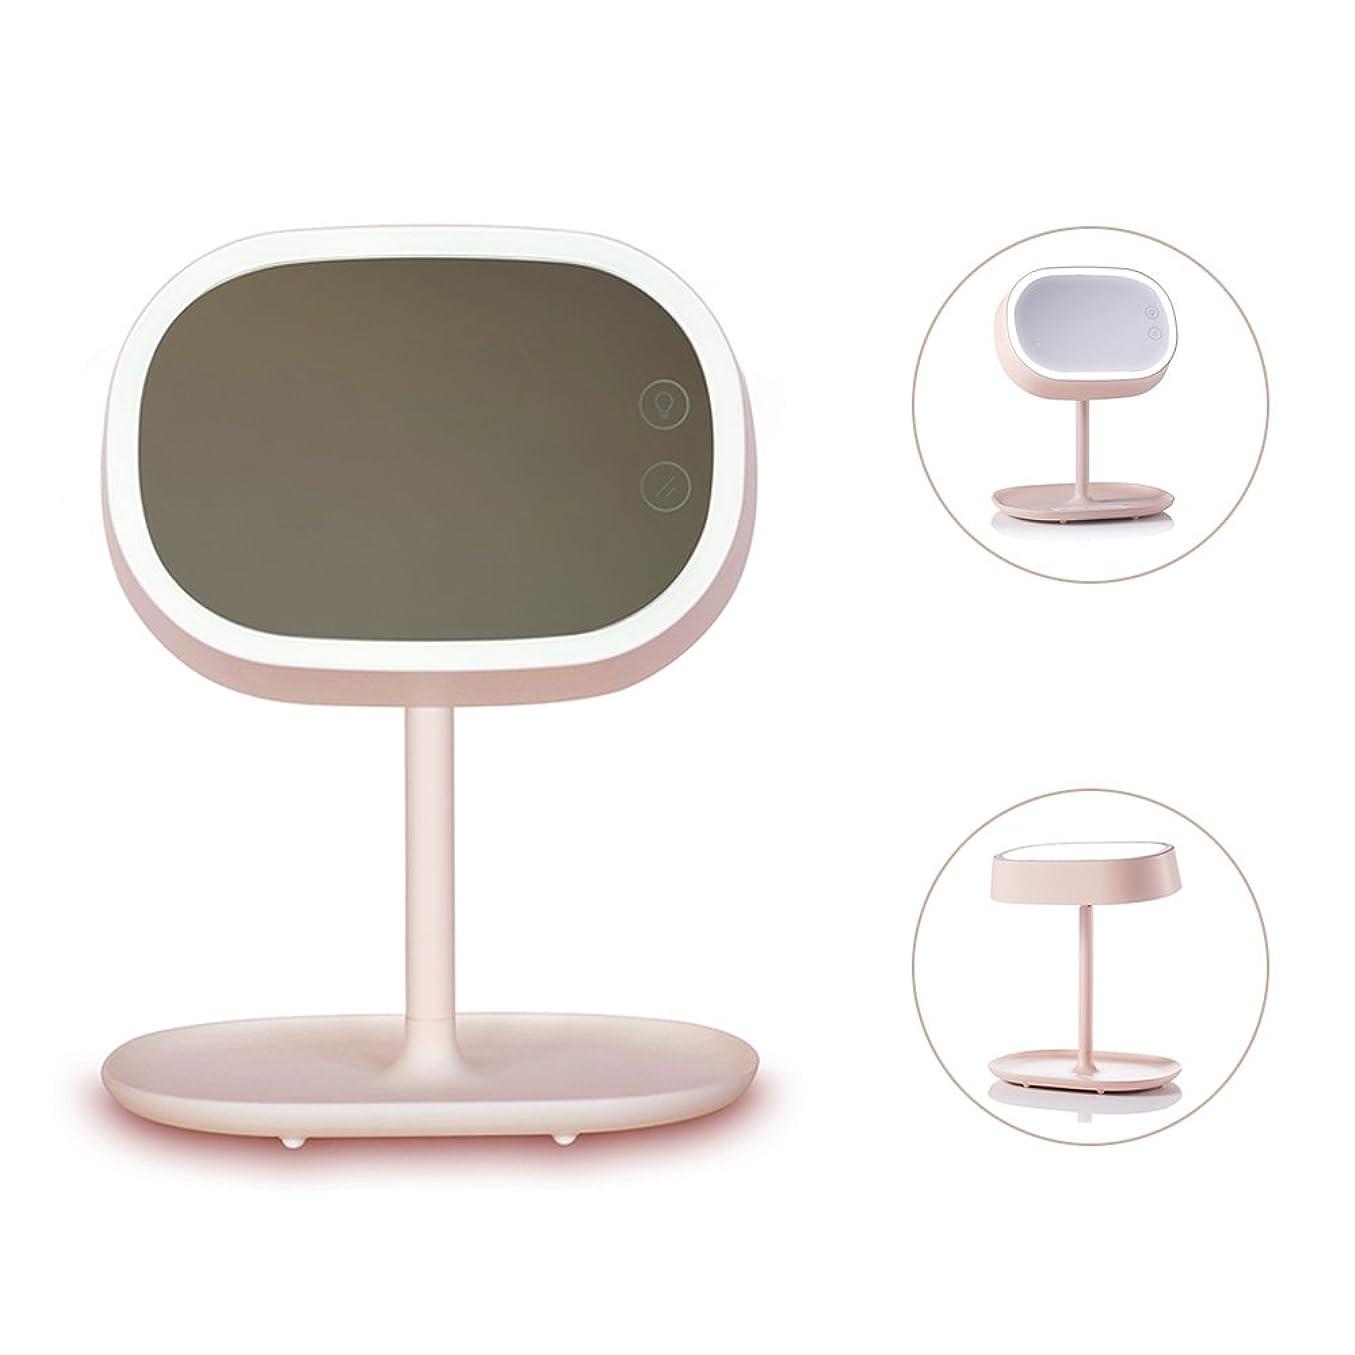 キリンメガロポリス慣習Ichic 卓上LED化粧鏡 メイクミラー ベッドサイドランプ 180度回転 明るさ調節可能 USB充電